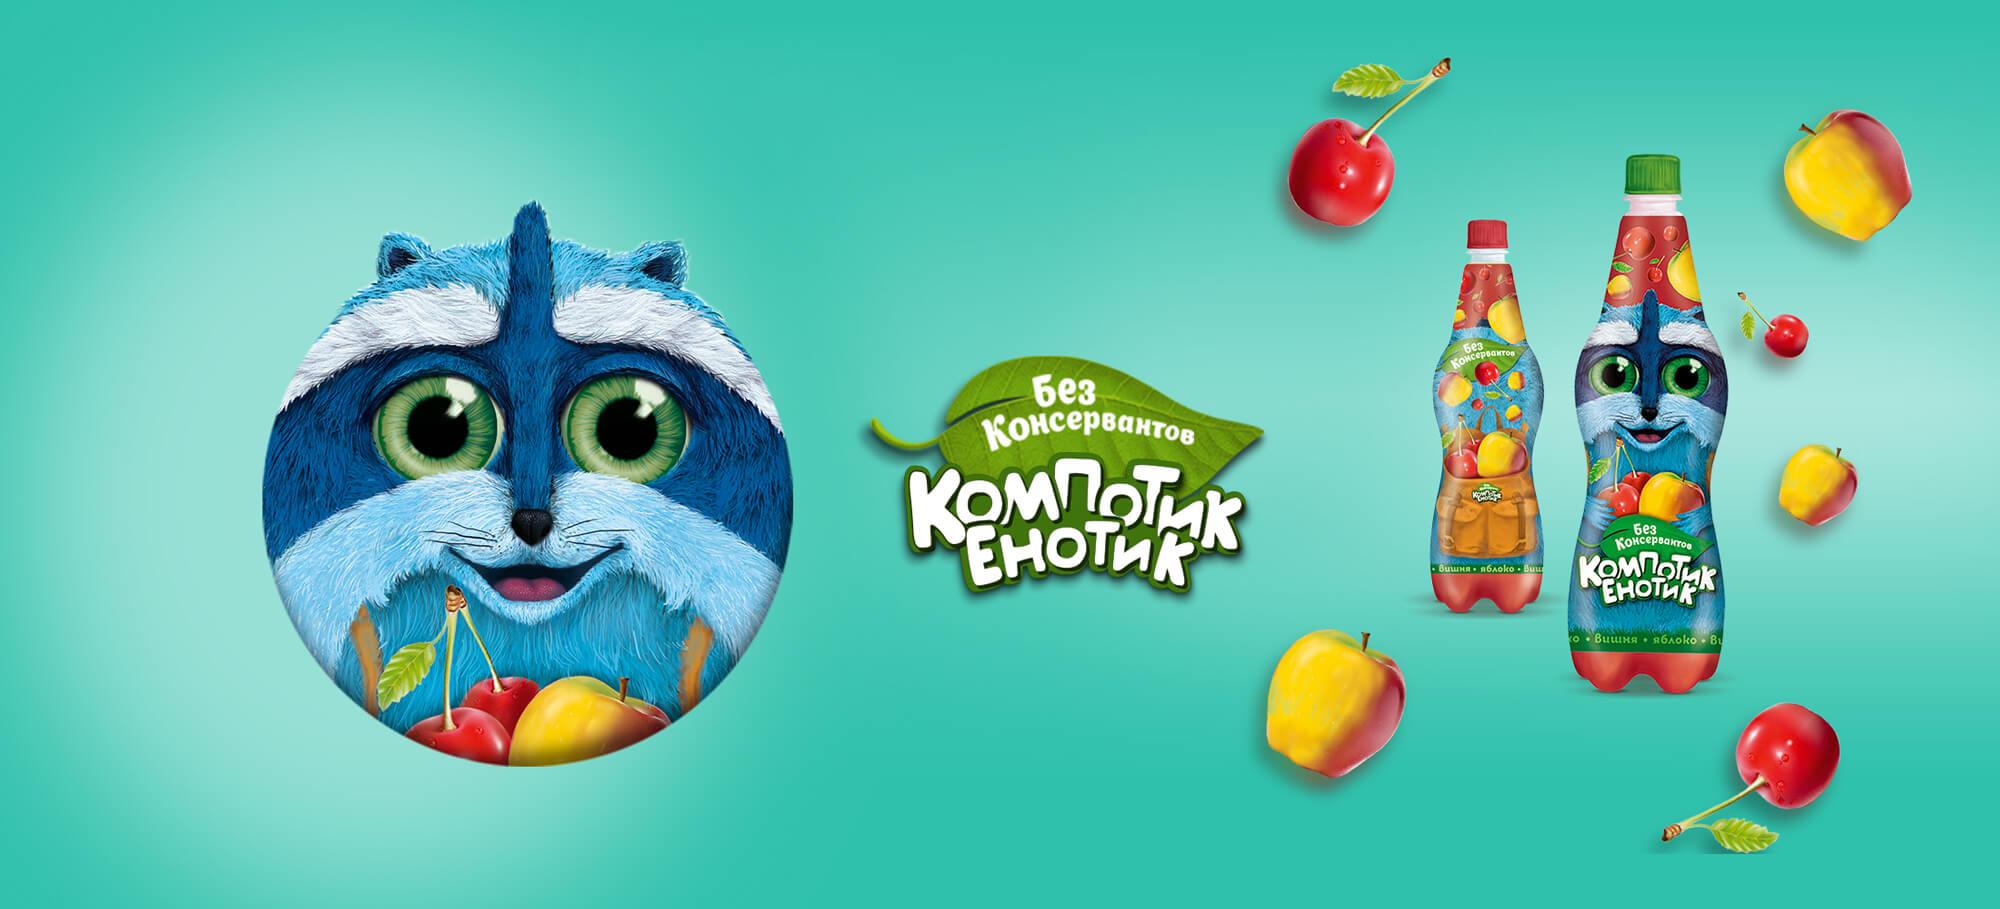 Авторская иллюстрация персонажа «Компотик-Енотик», разработанная для дизайна упаковки детского компота